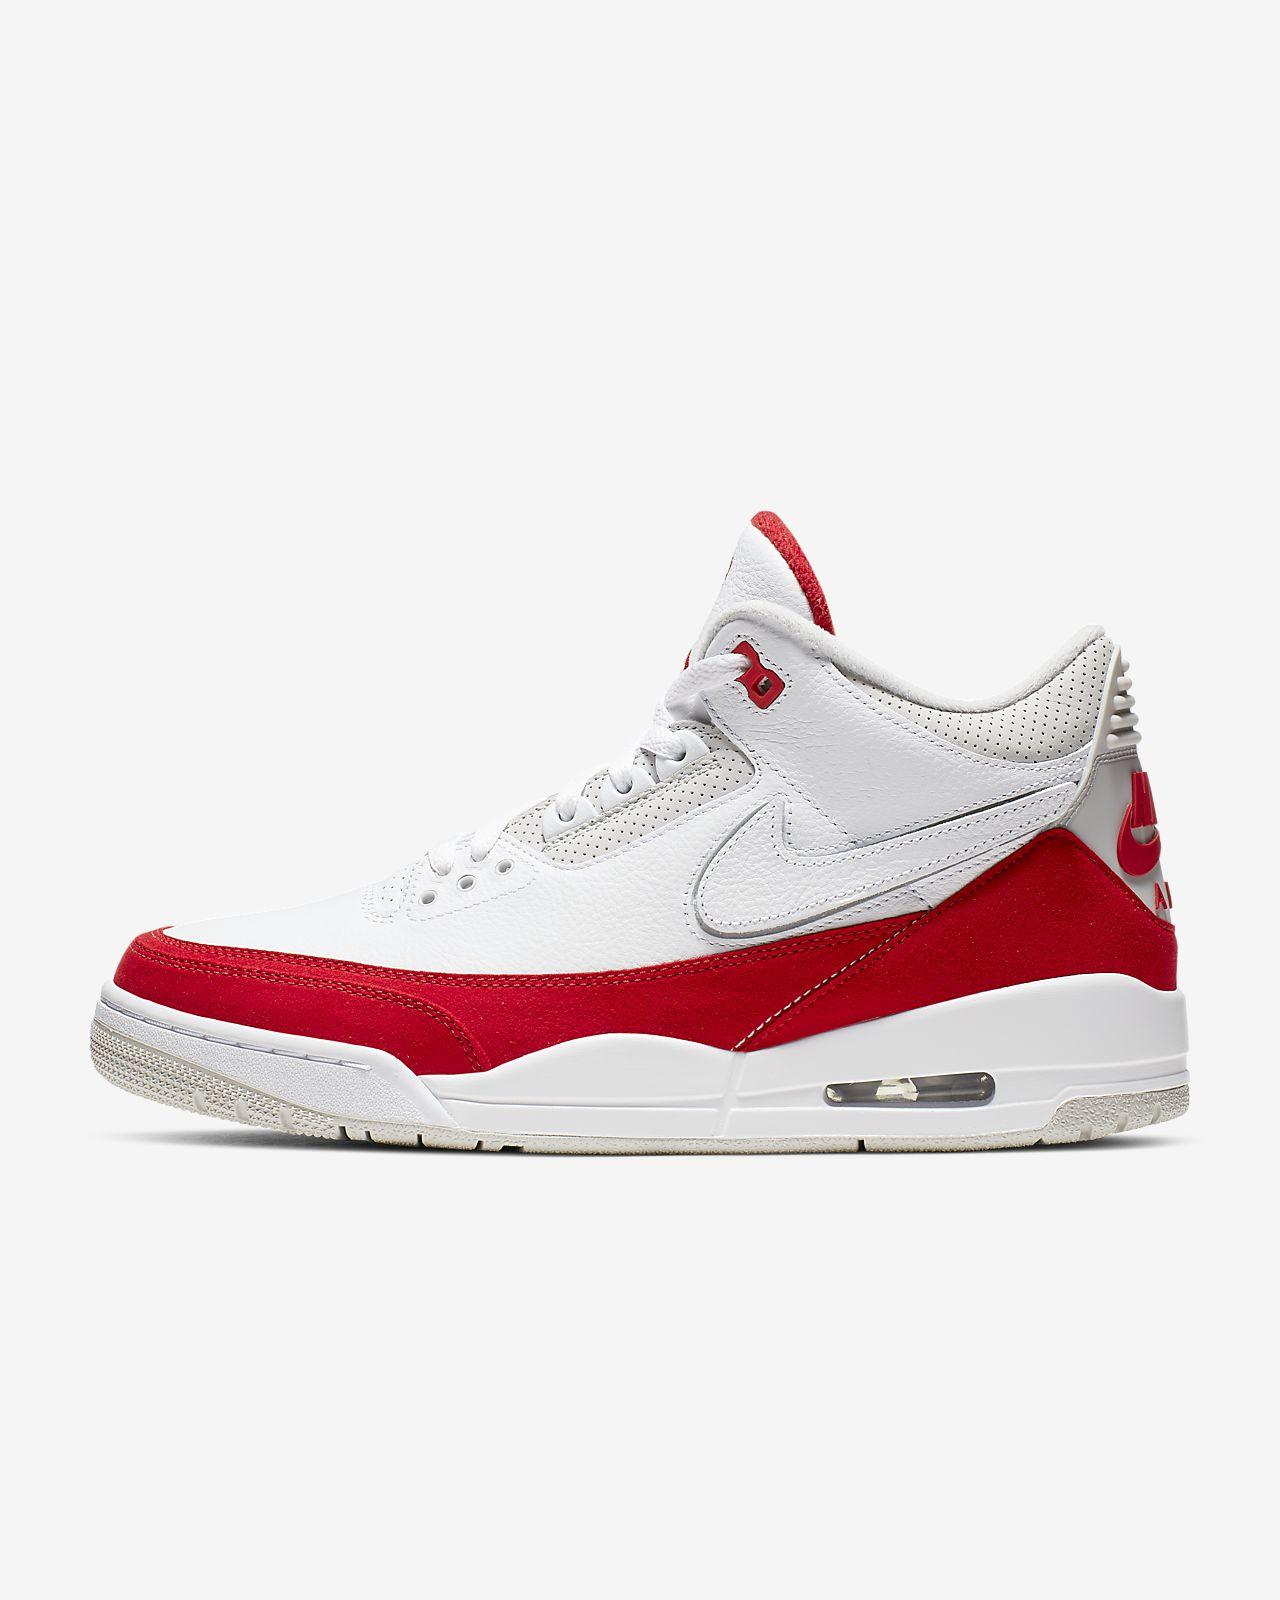 Air Th Pour Chaussure Sp 3 Homme Retro Jordan jqcL3R54A